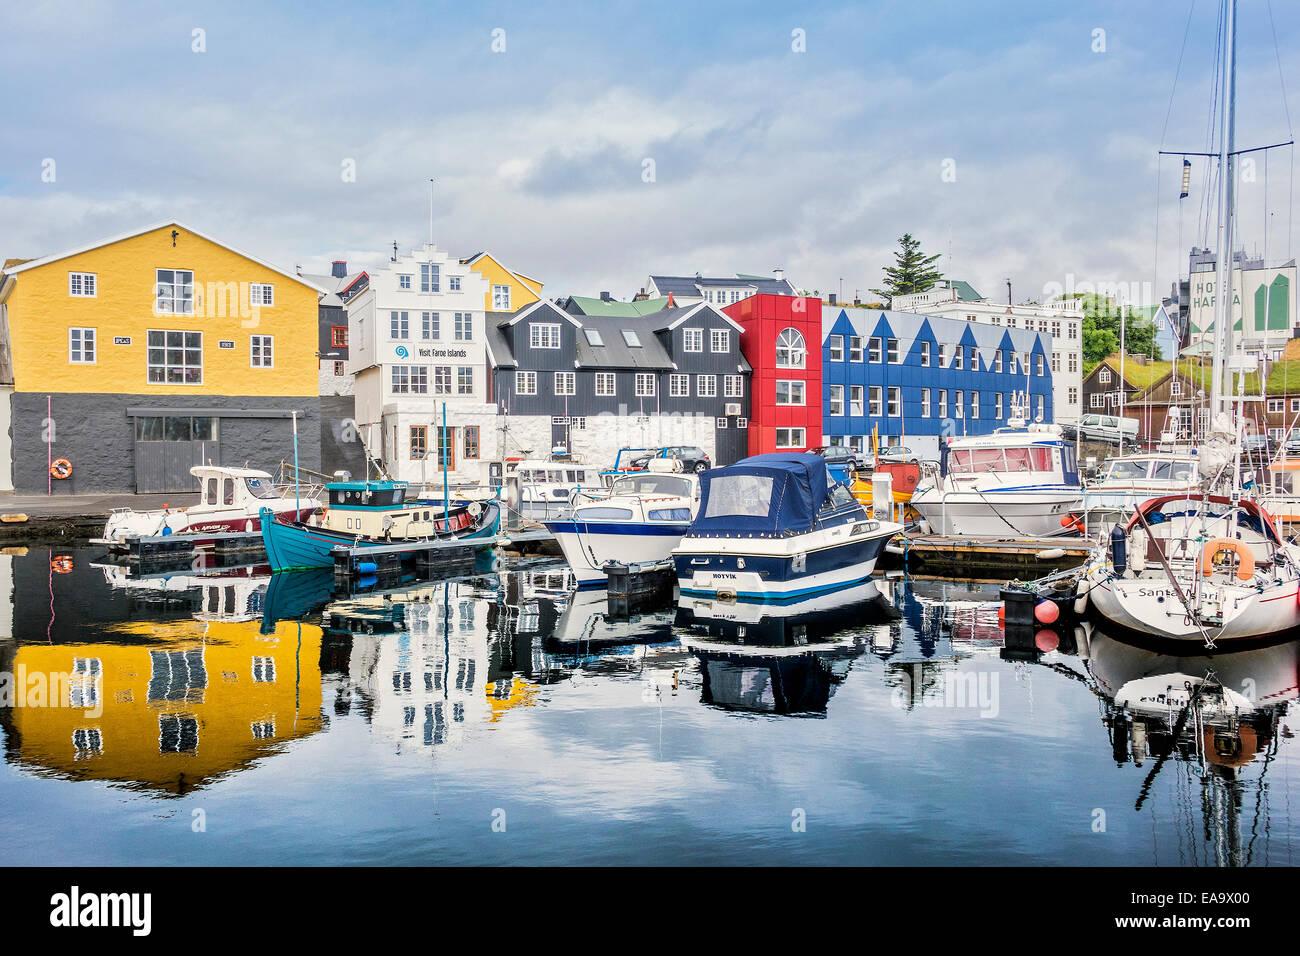 Les réflexions dans le petit port de Torshavn Faroe Islands Photo Stock